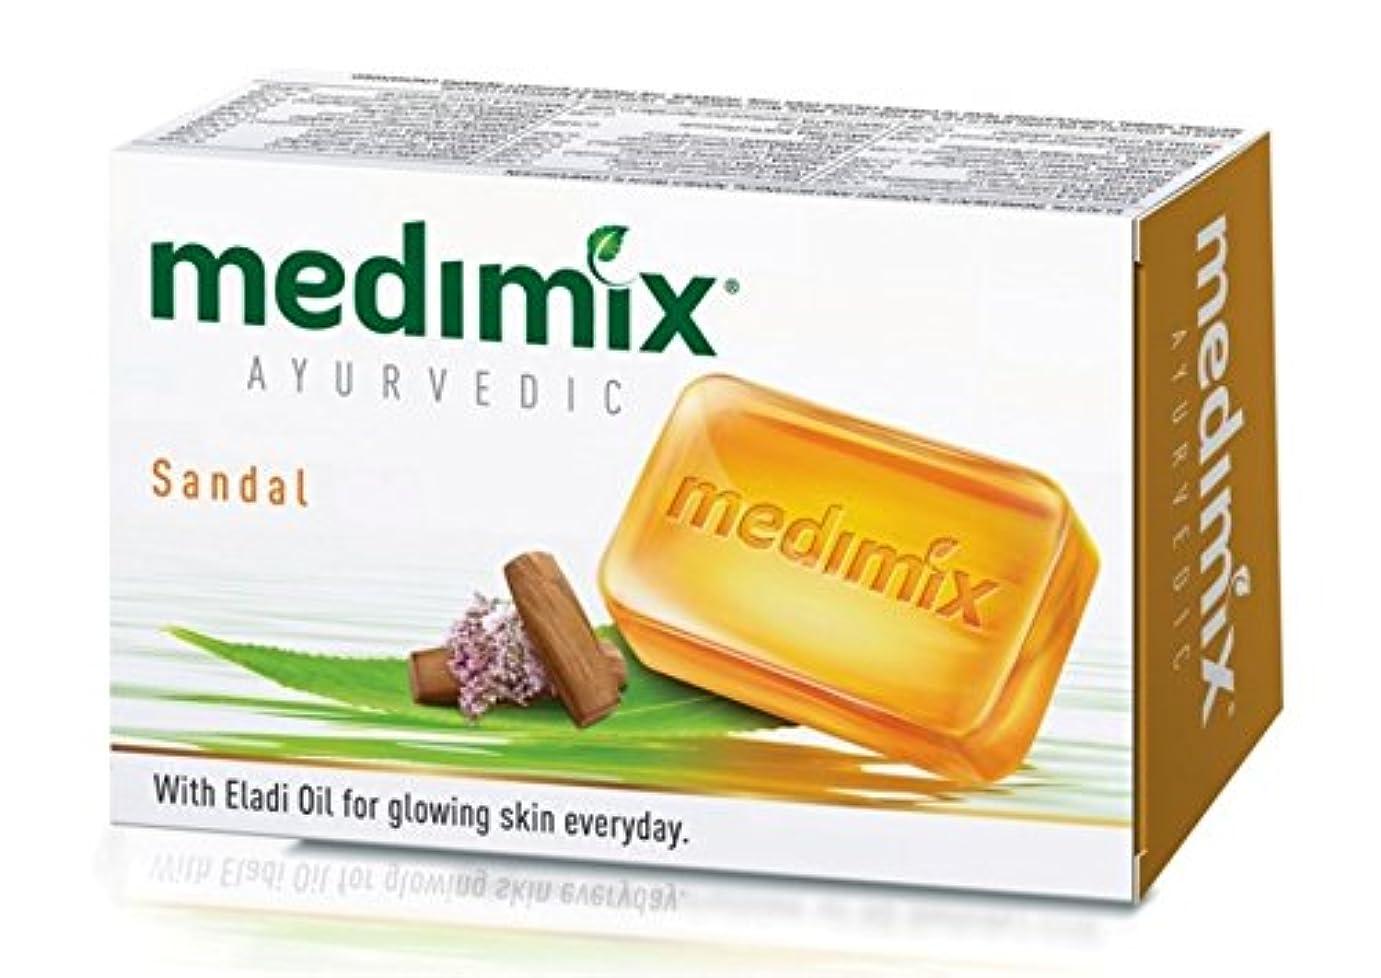 手つかずの上タバコ【medimix国内正規品】メディミックス Sandal ハーブから作られたオーガニック石鹸